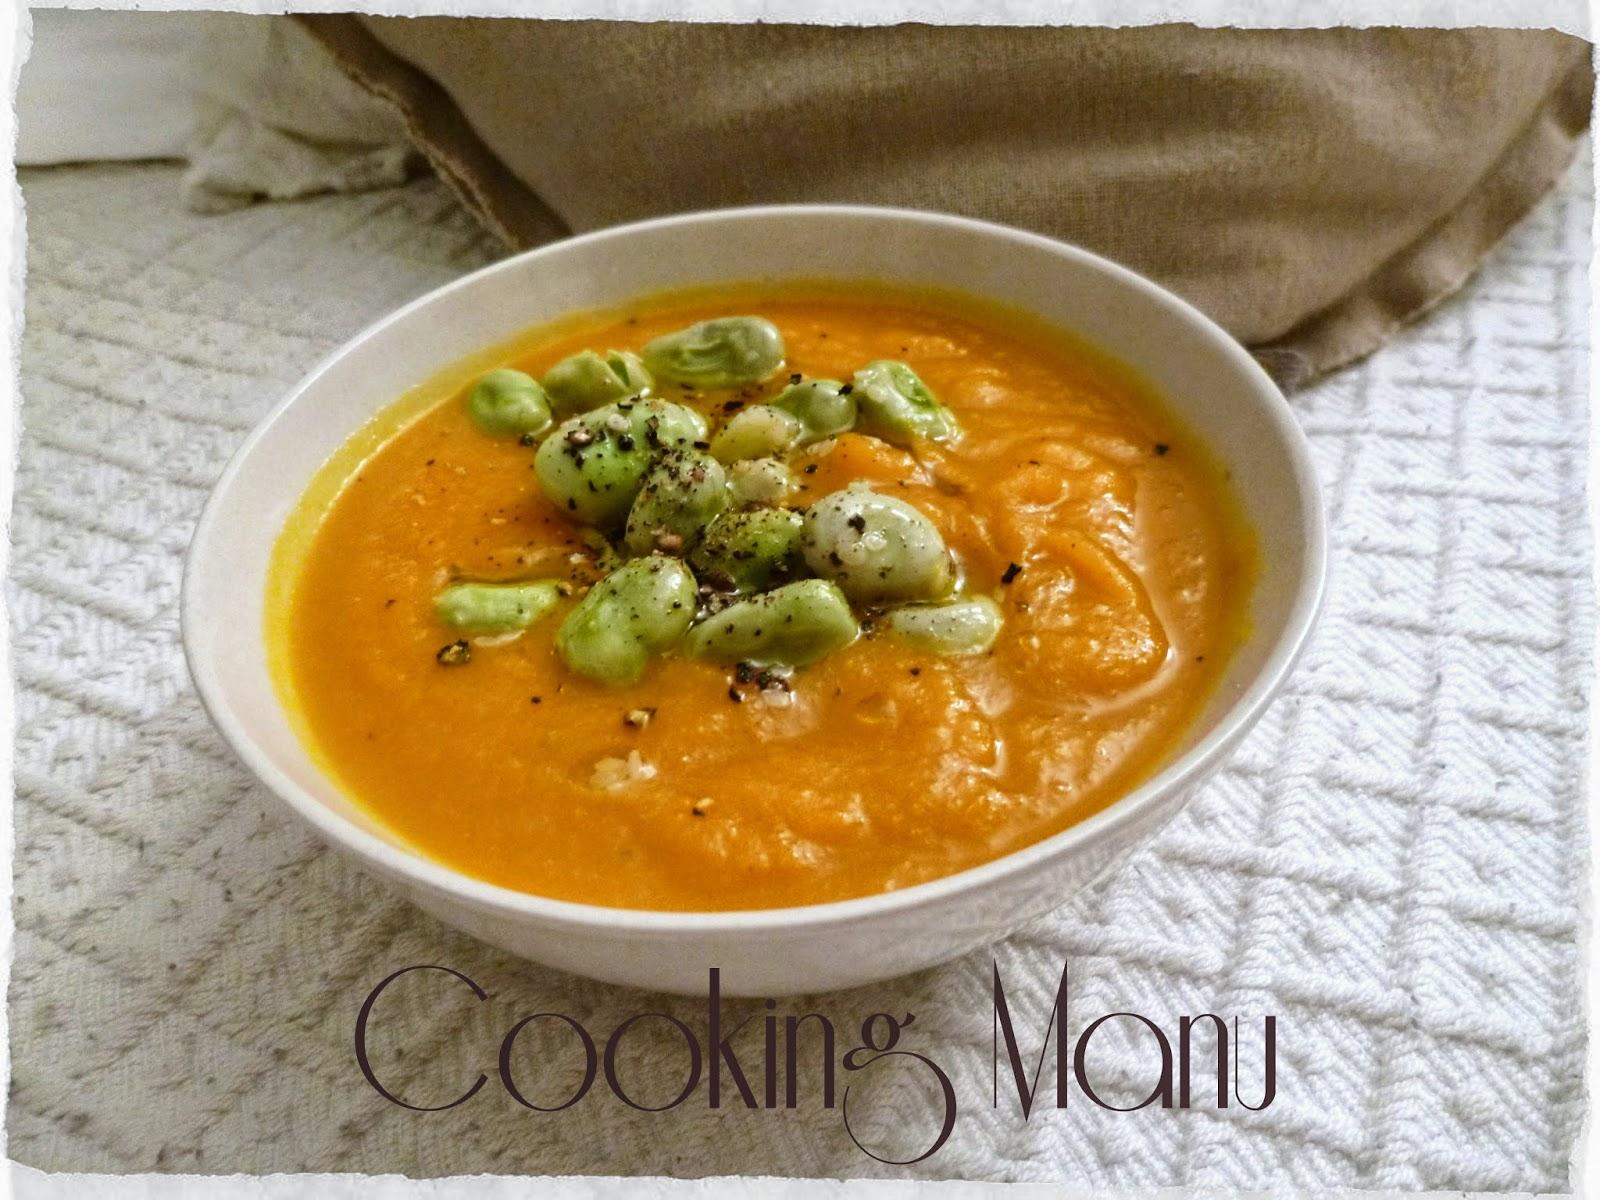 Vellutata di Carote con Fave e Pecorino (Carrots Soup with Fava Beans and Pecorino Cheese)